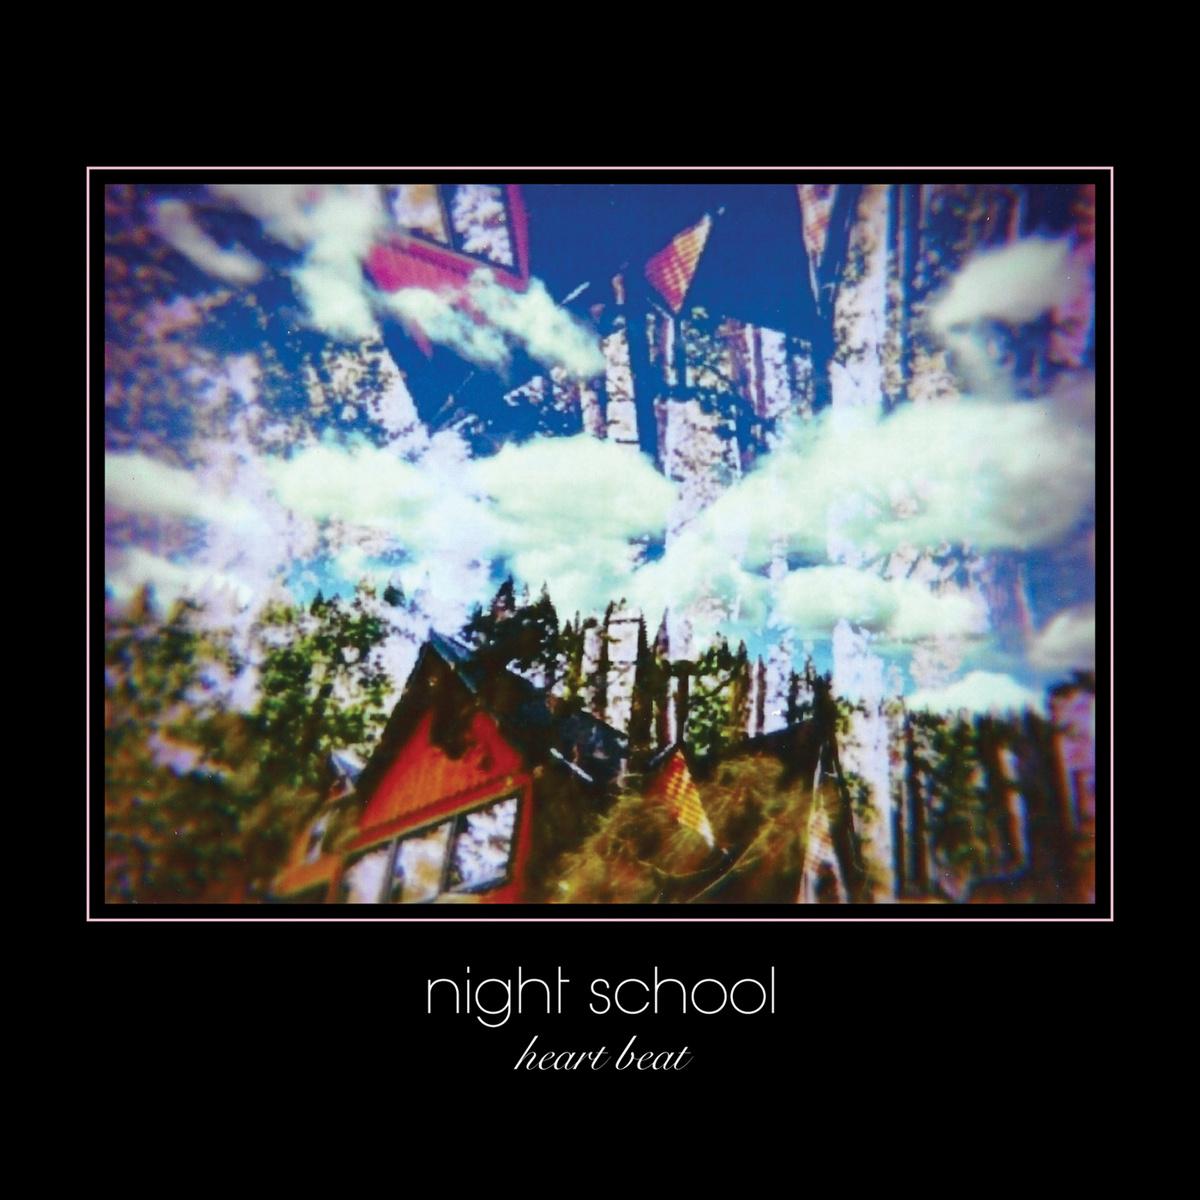 nightschool_heartbeat.jpg